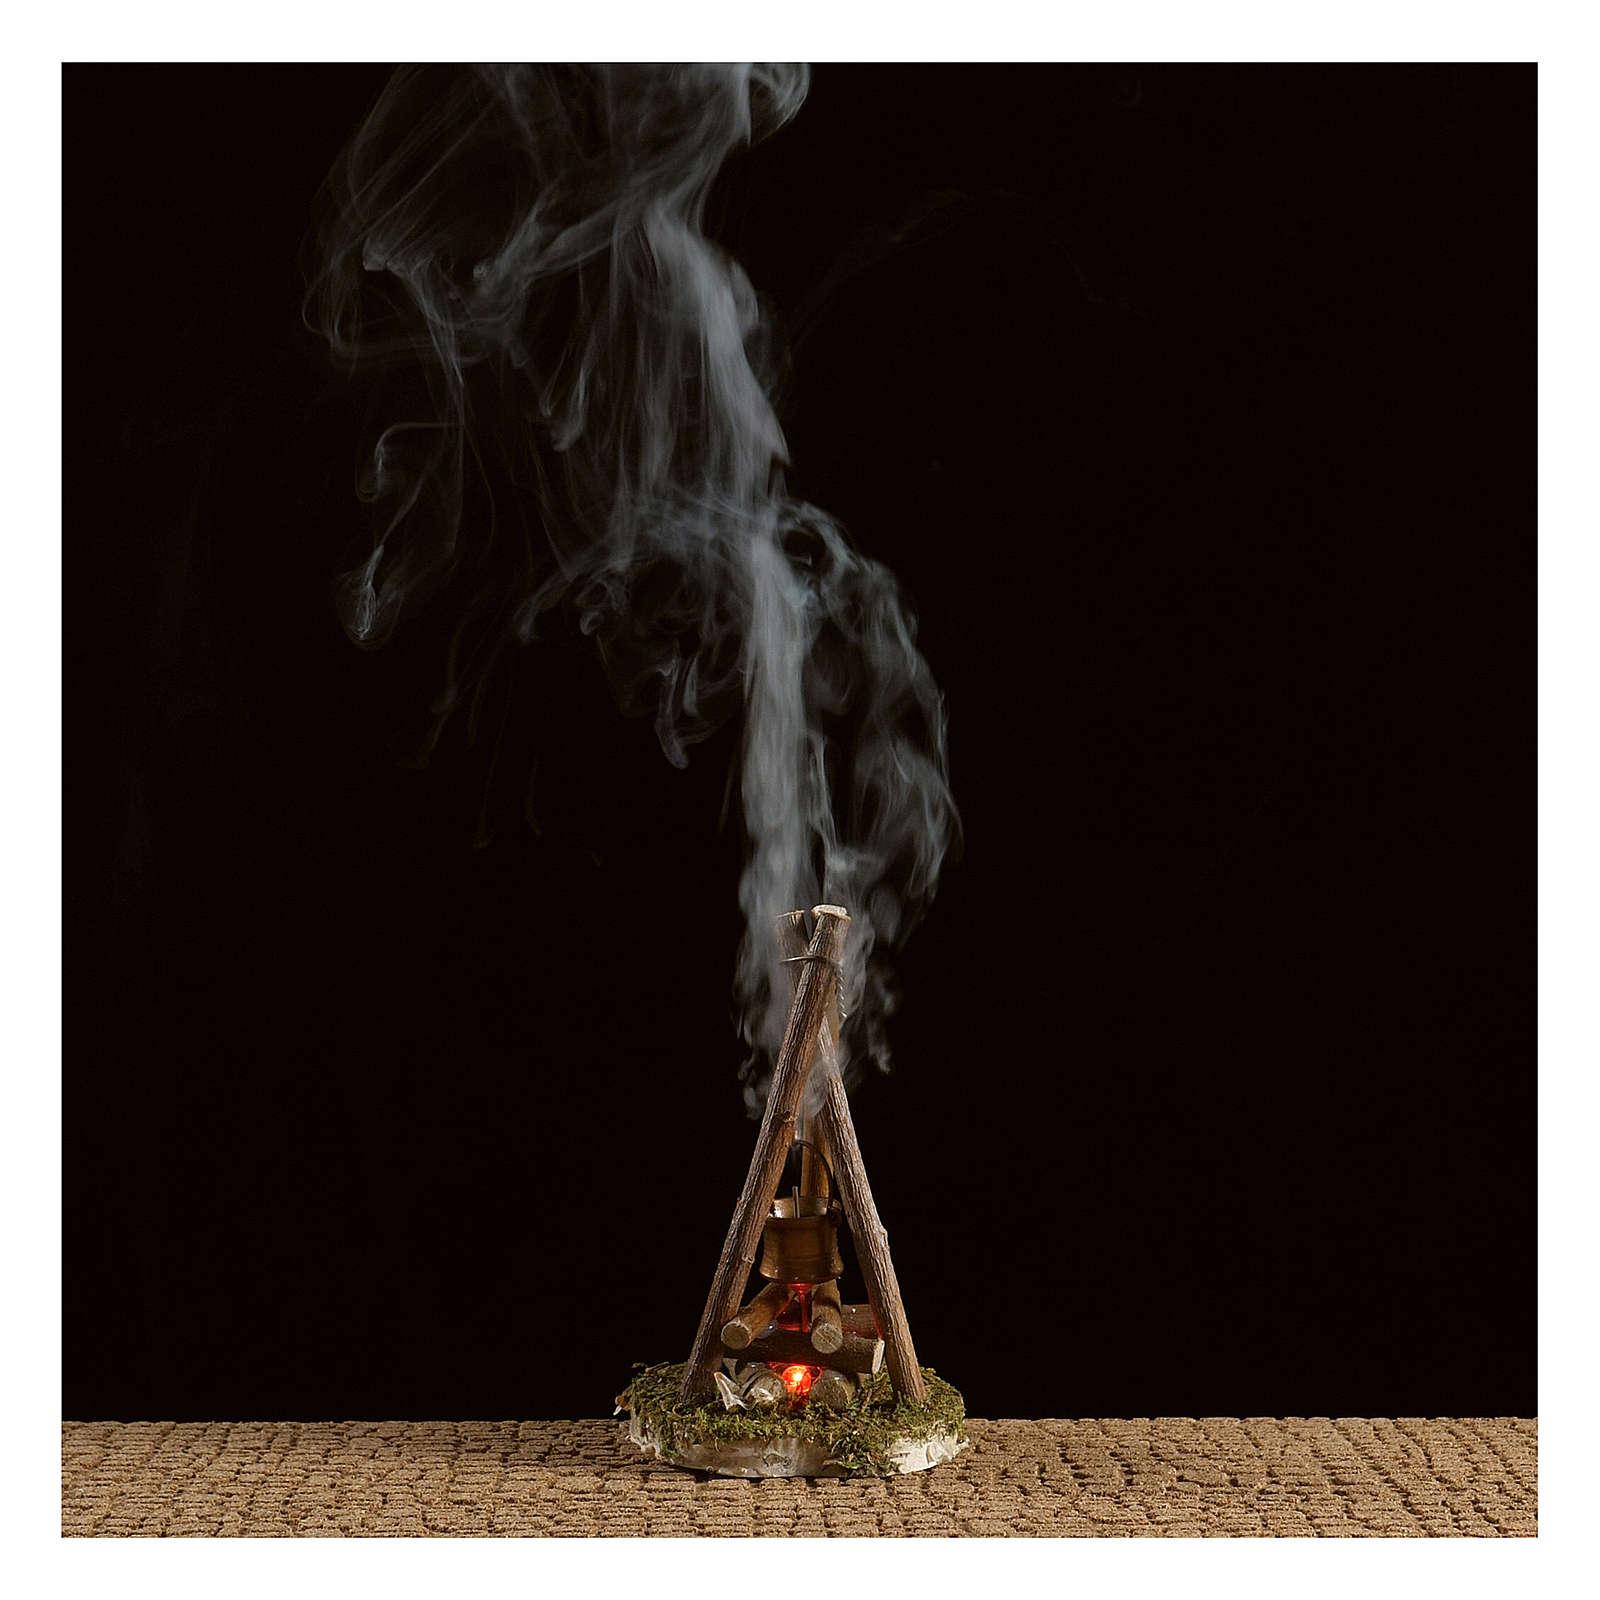 Ogień na biwak z prawdziwym dymem do szopki 4,5 V h. 11x7 cm 4